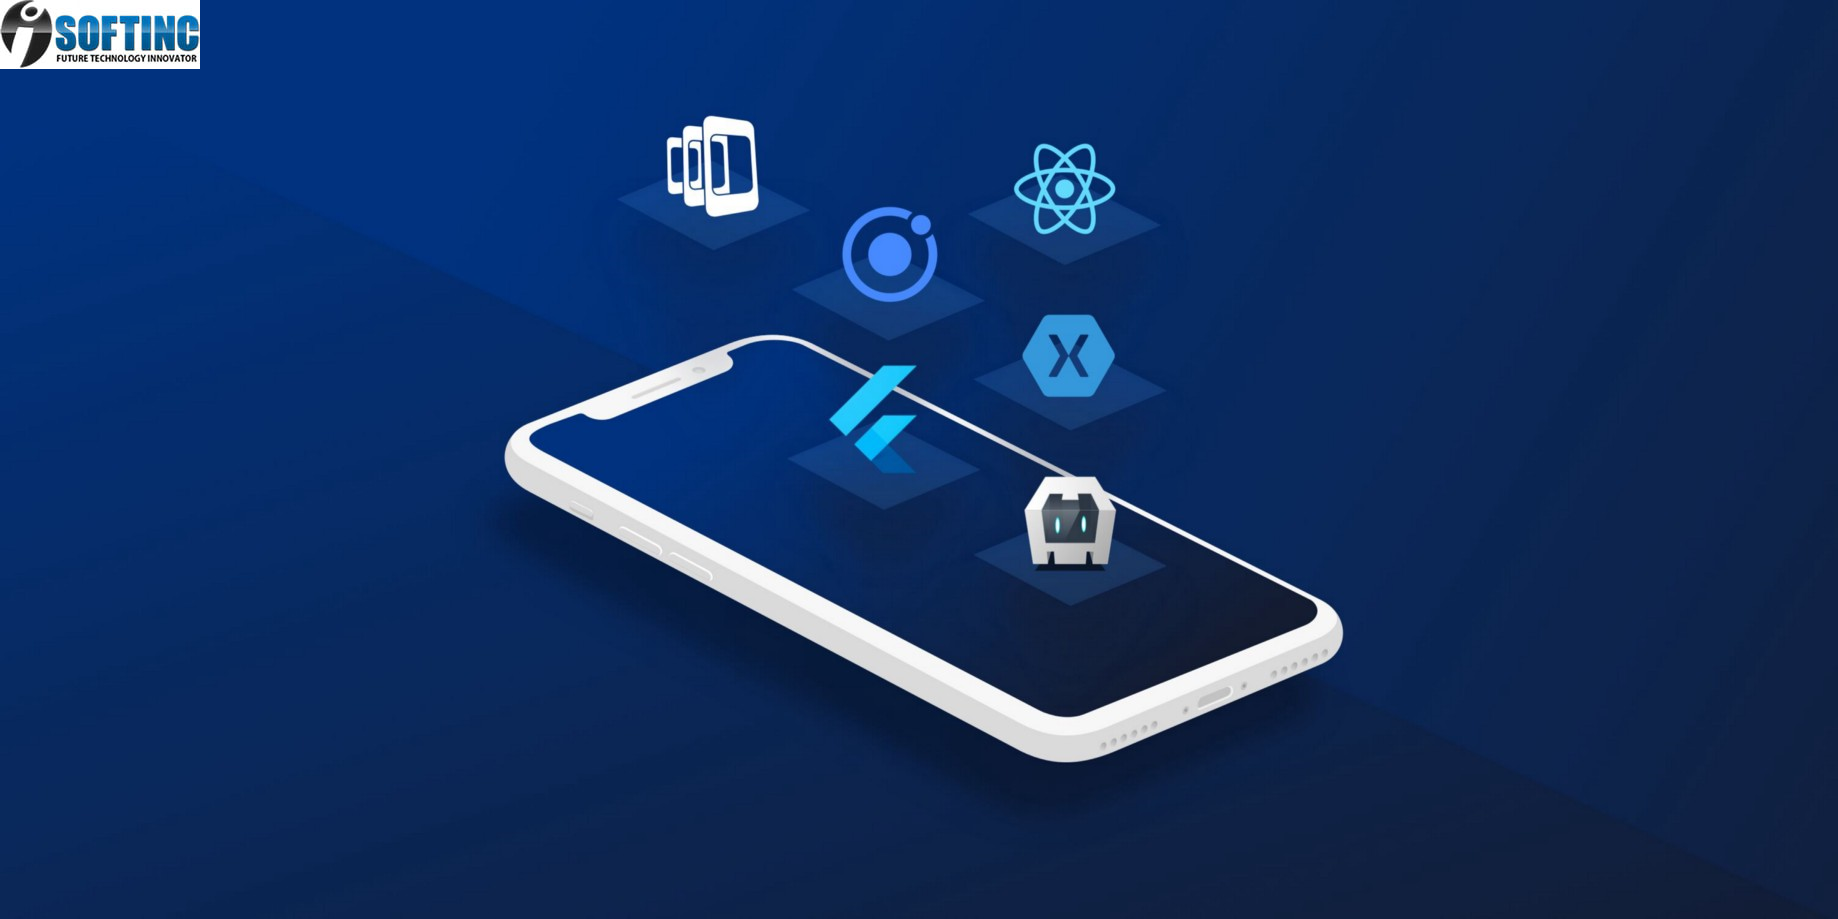 Best On-demand App Ideas to Start Money Making Startup in 2022